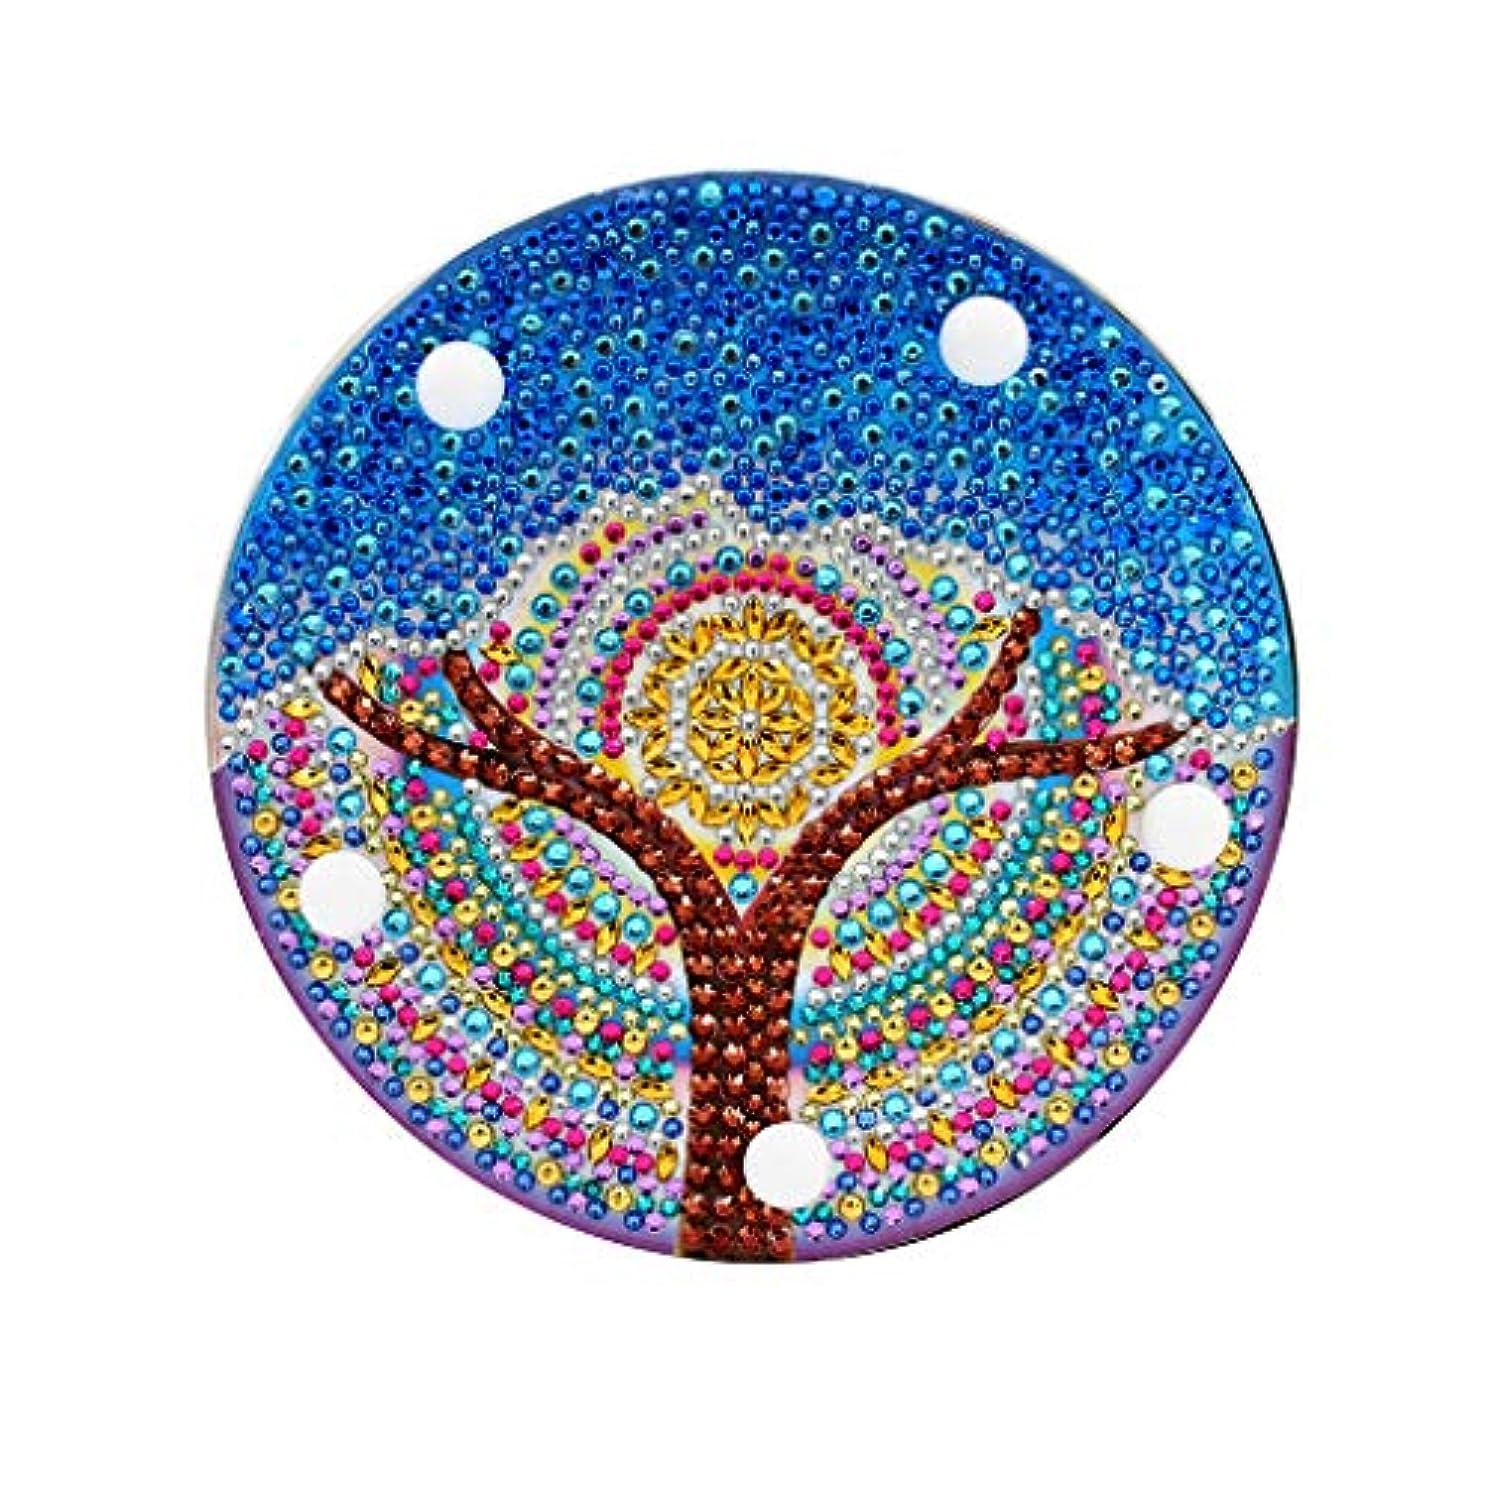 監督する湖意義Barlingrock バーリングロックDIYダイヤモンド塗装ライト刺繍フルドリル専用ダイヤモンドLEDライトダイヤモンド塗装スタイルランプ(青)